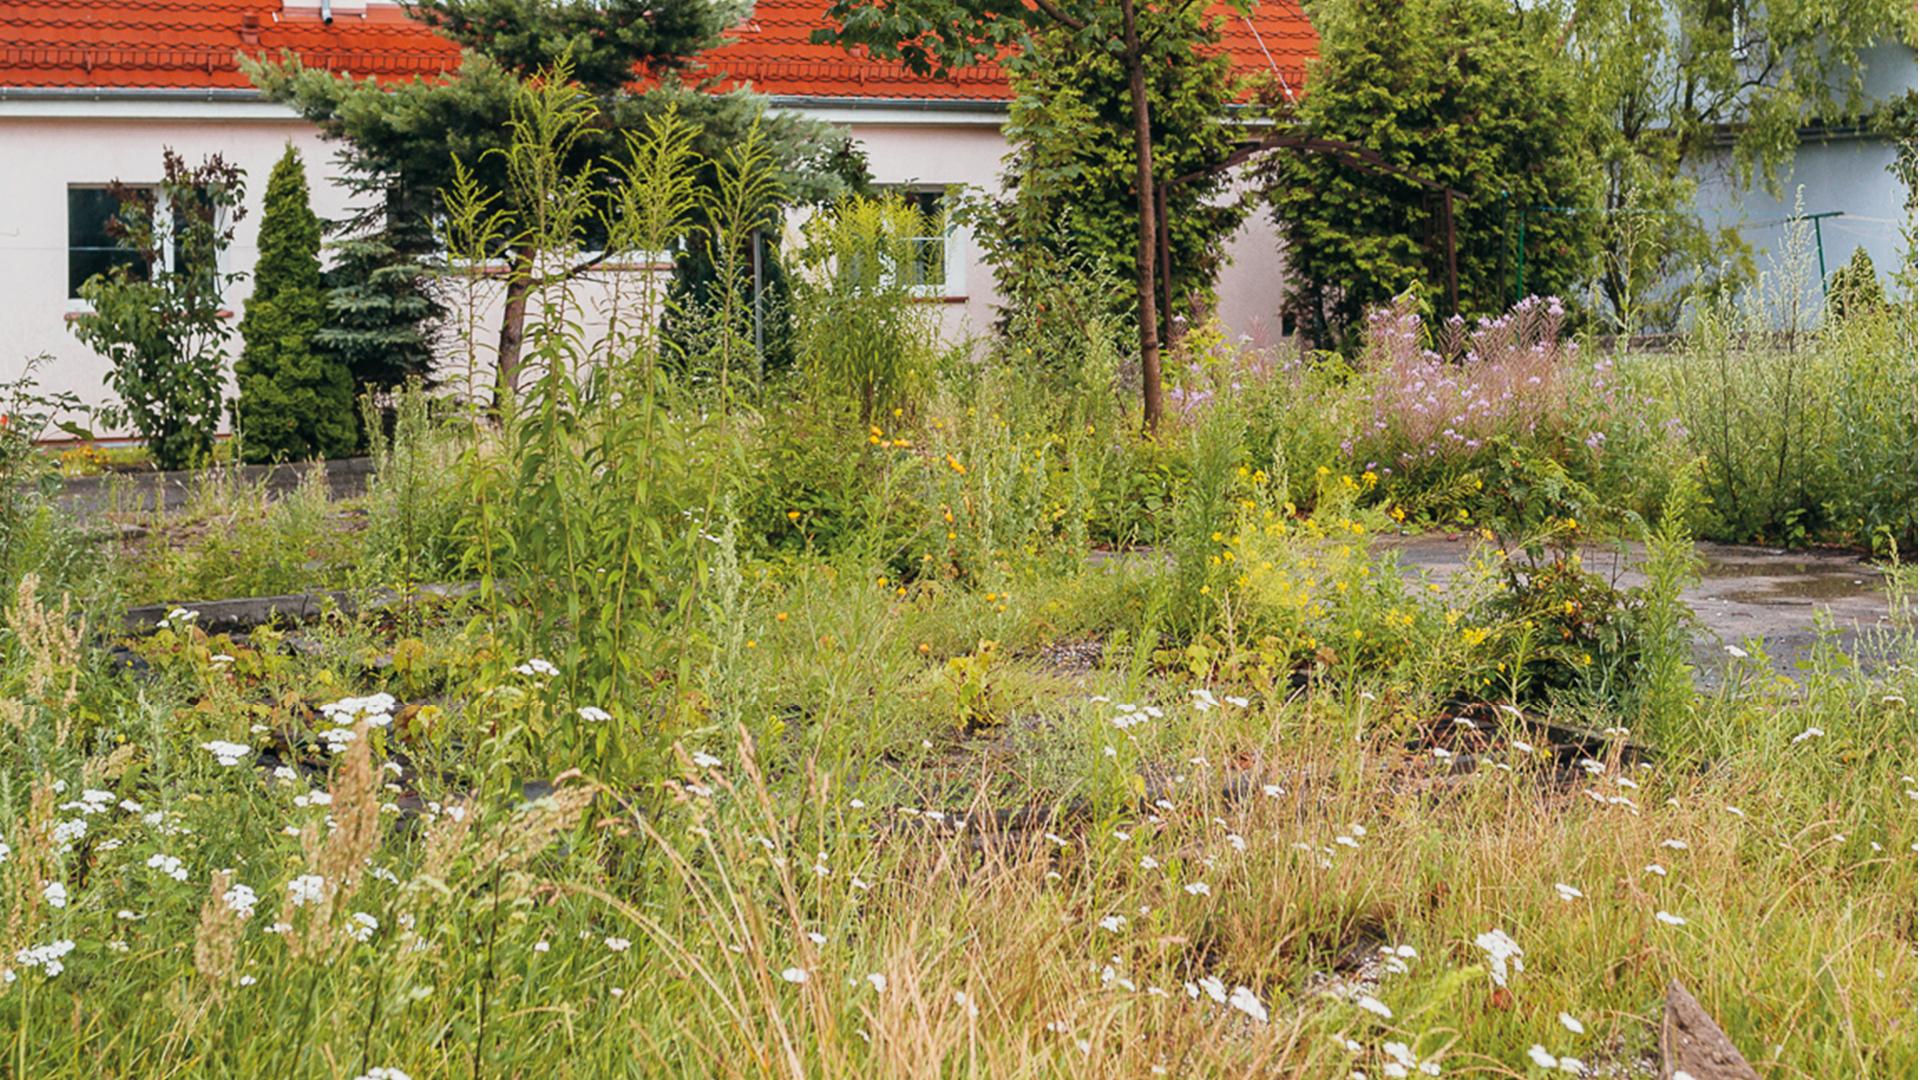 Ogrody deszczowe, pasaże wodne, niecki bioretencyjne – Poznań chce wykorzystywać wodę opadową